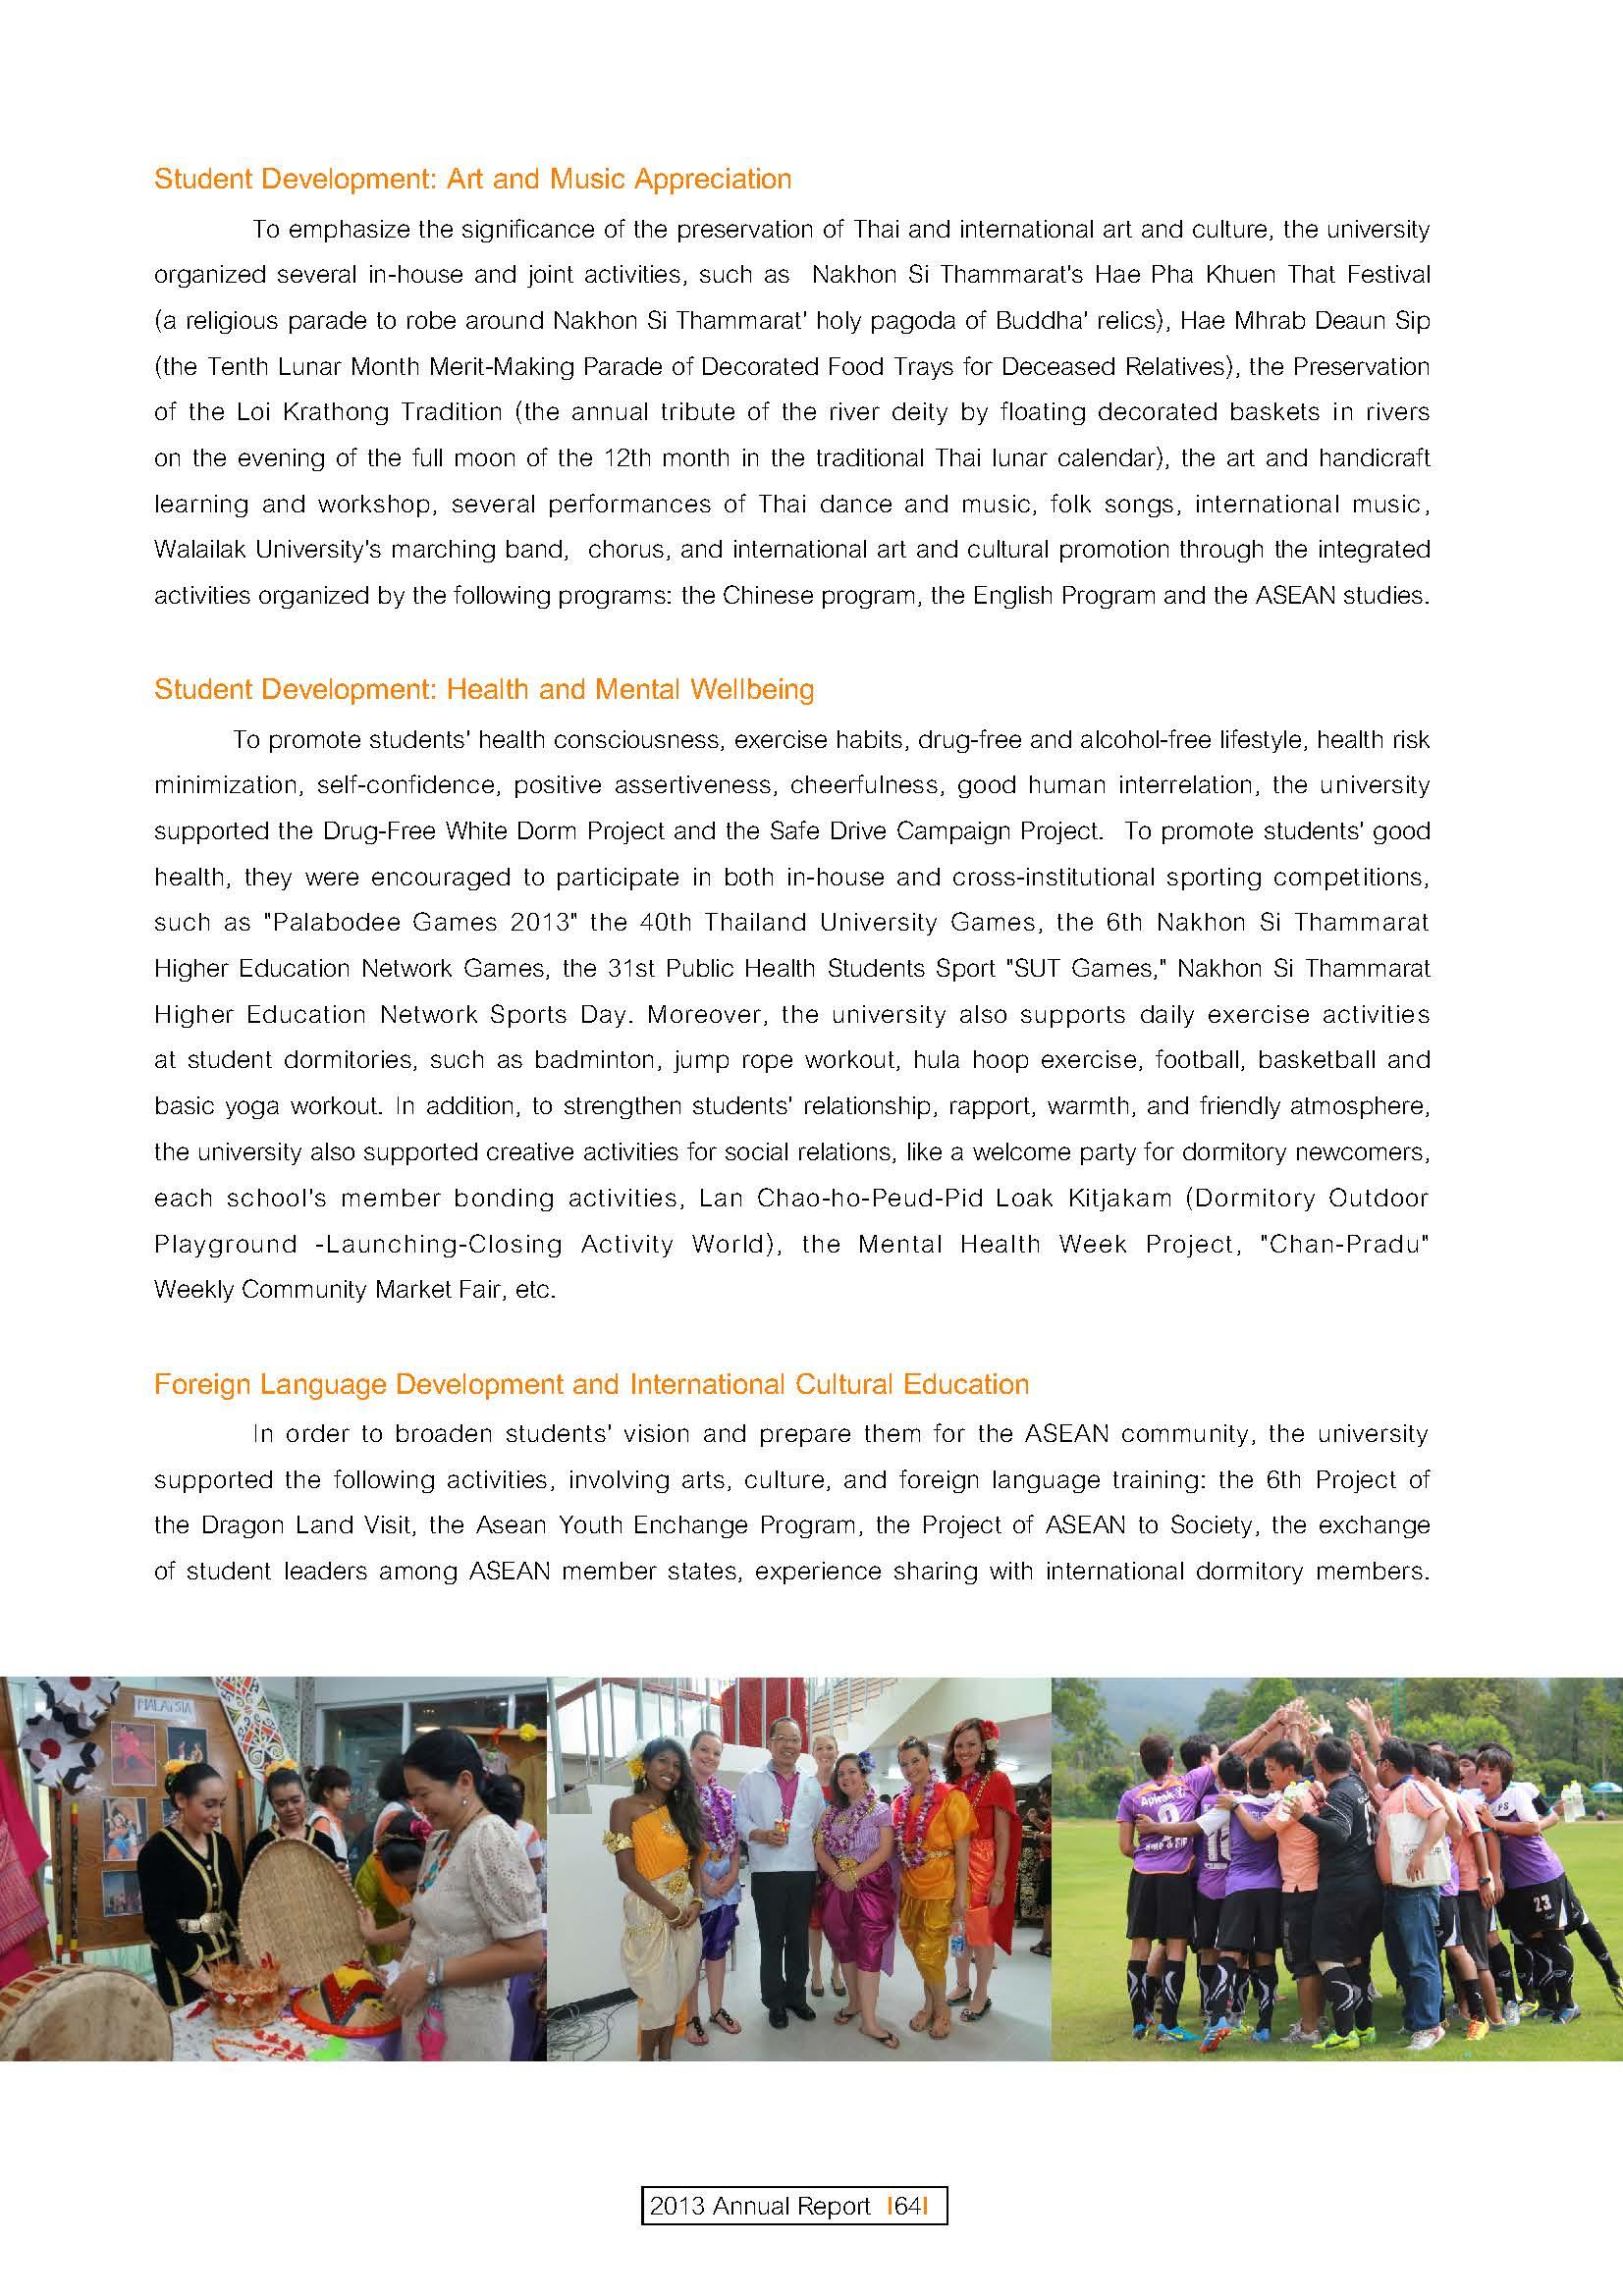 รายงานประจำปี2013ภาษาอังกฤษ_Page_64